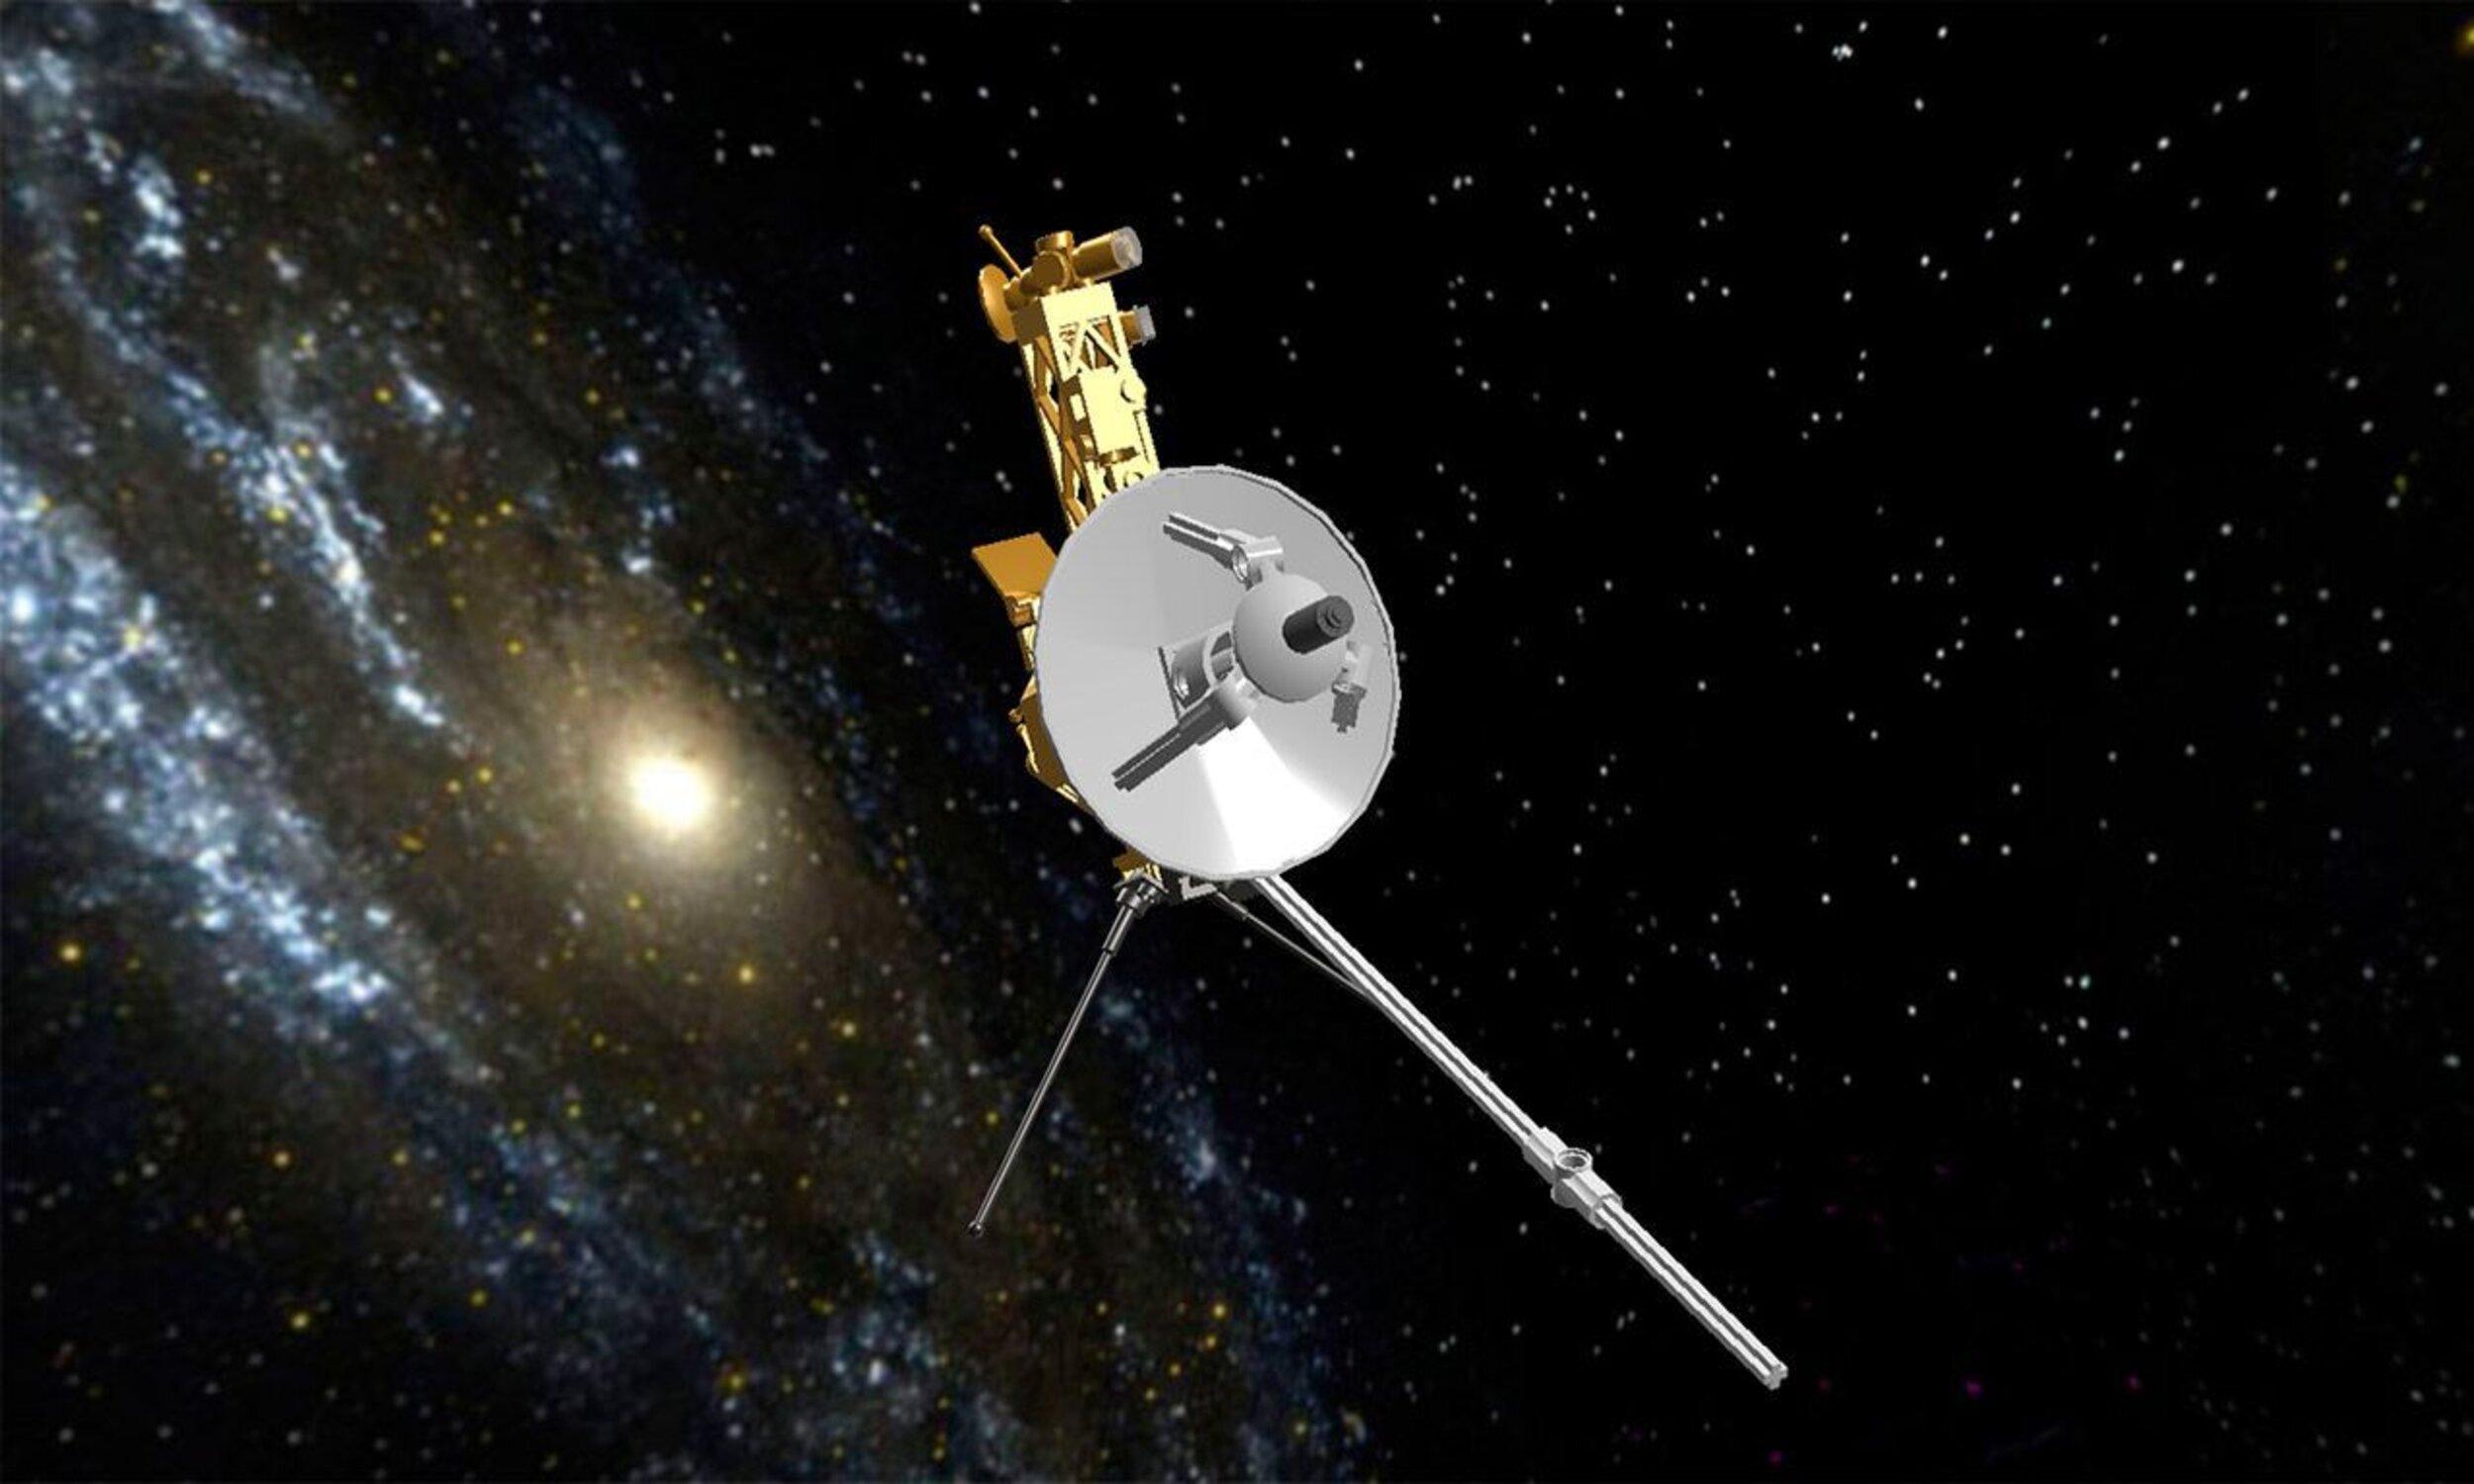 Las sondas Voyager descubren un fenómeno nunca antes visto en el espacio